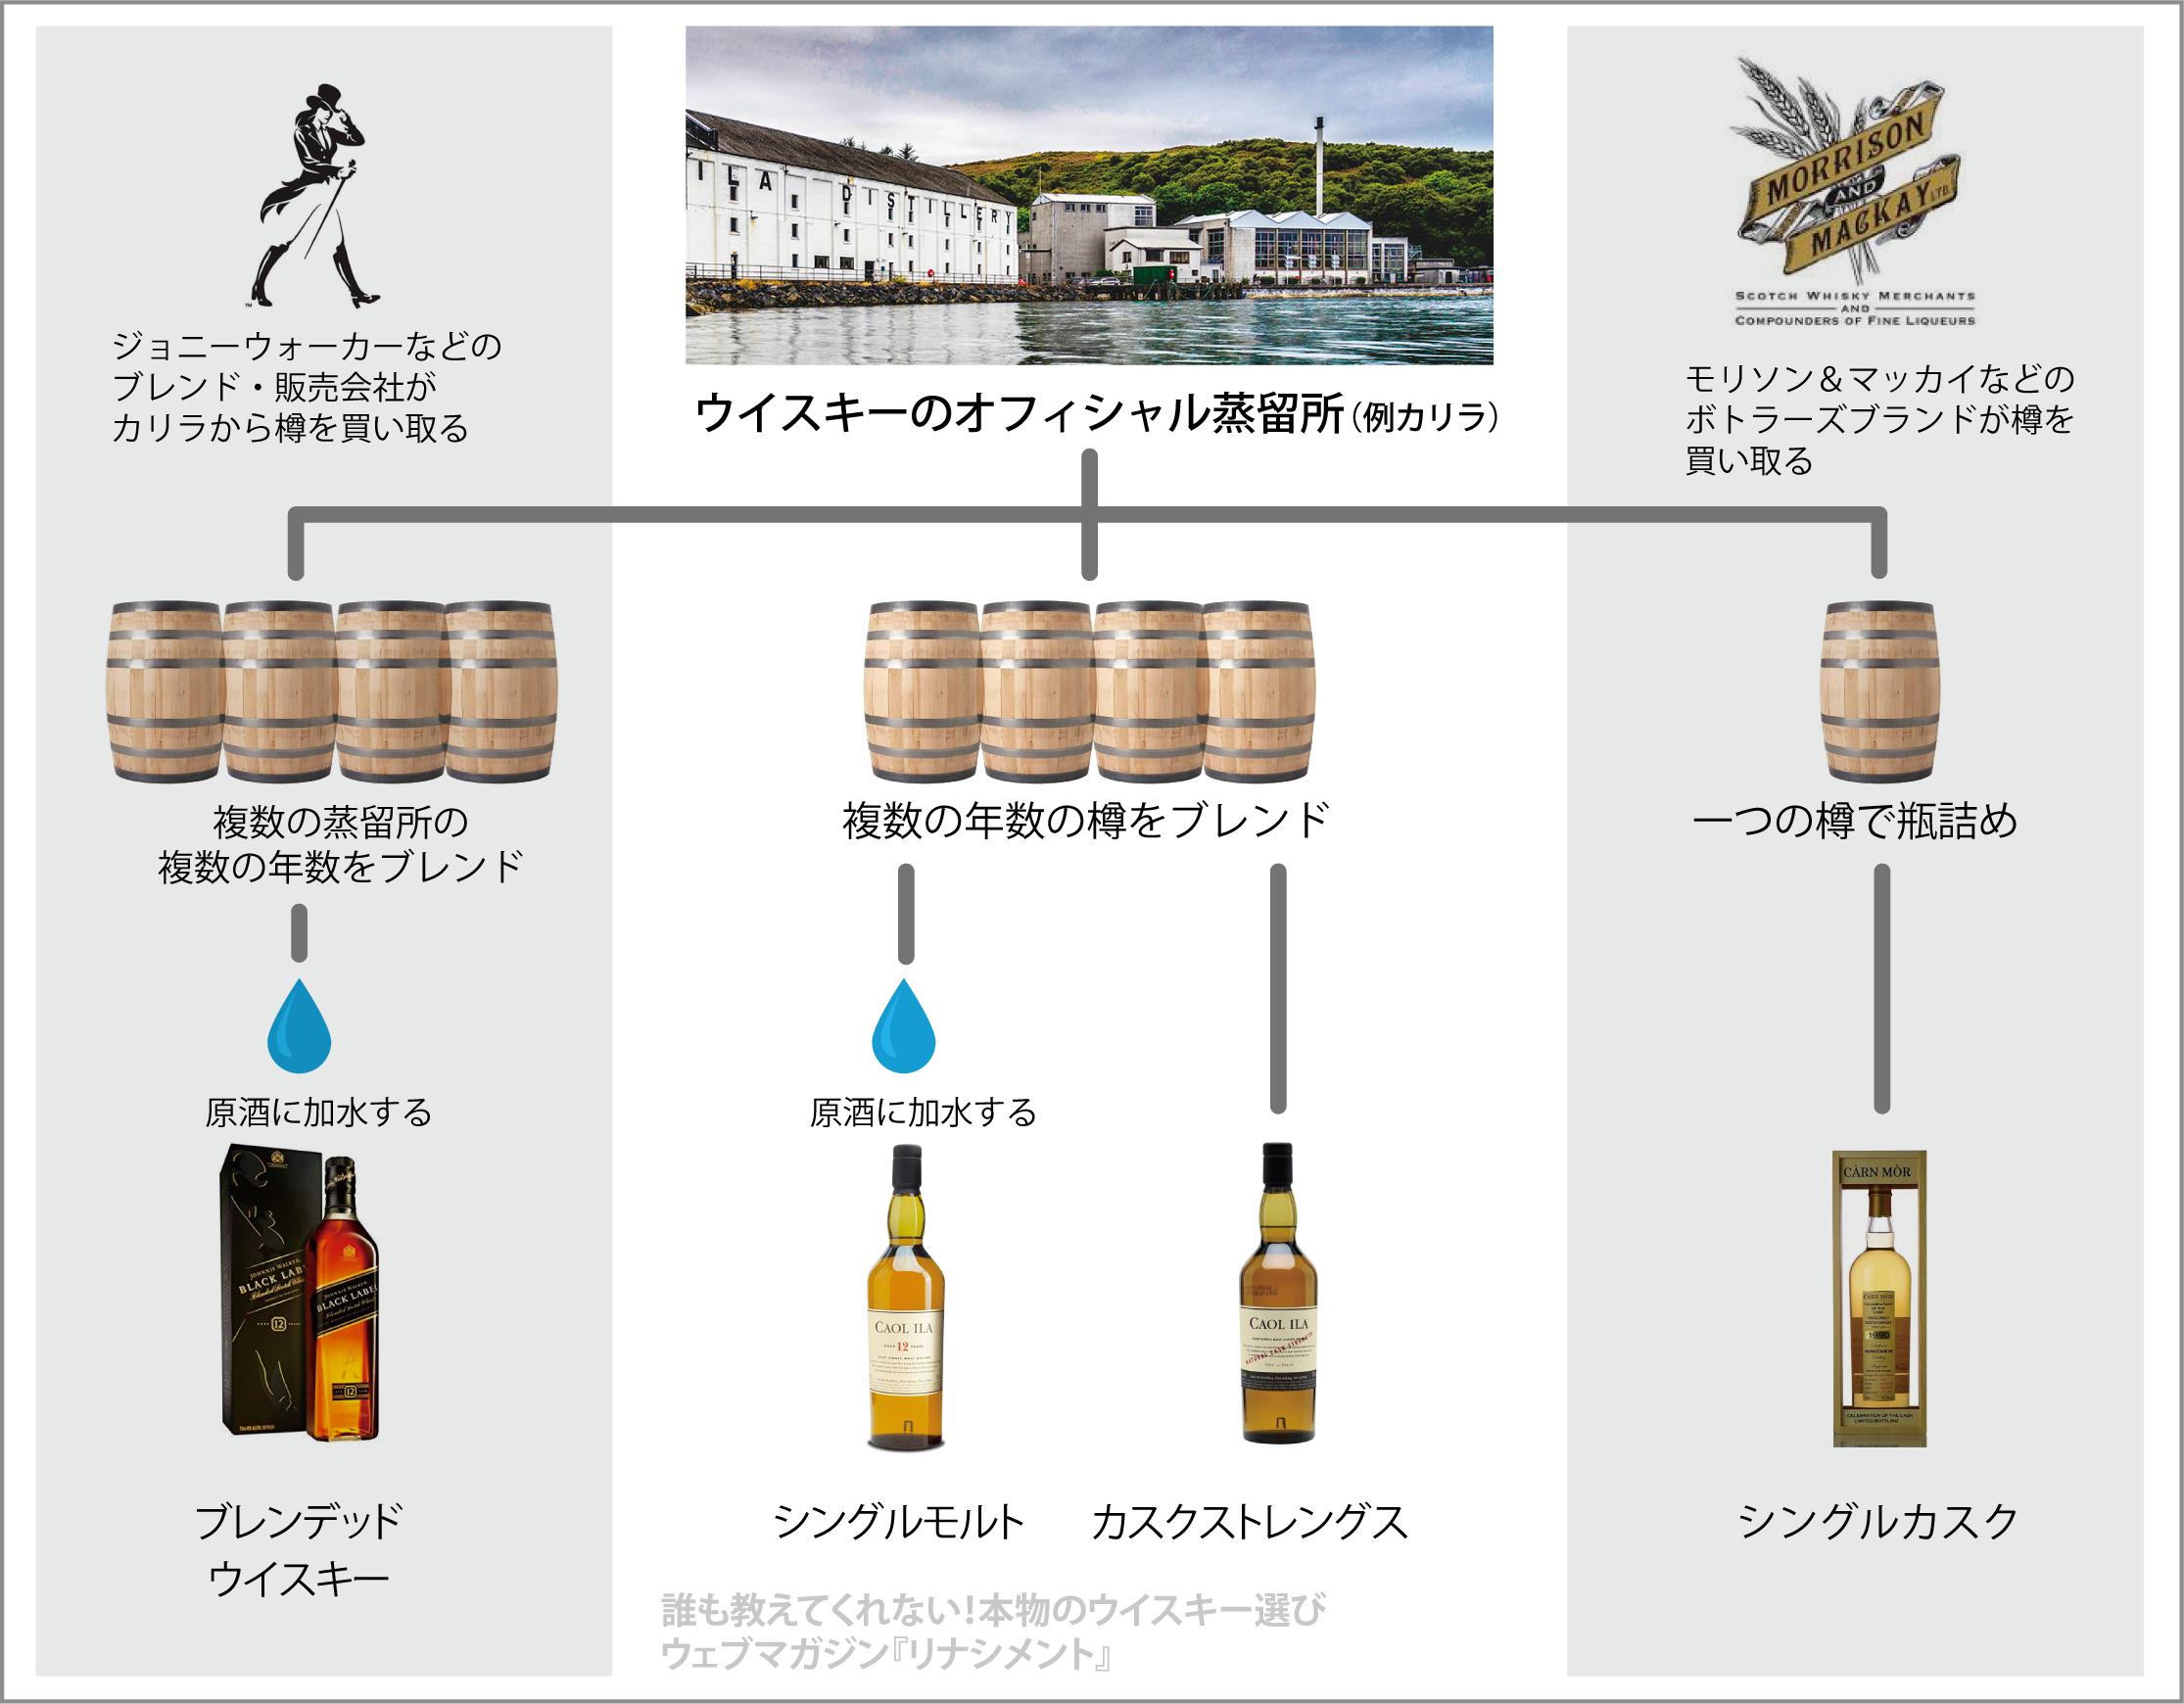 ウィスキー 種類